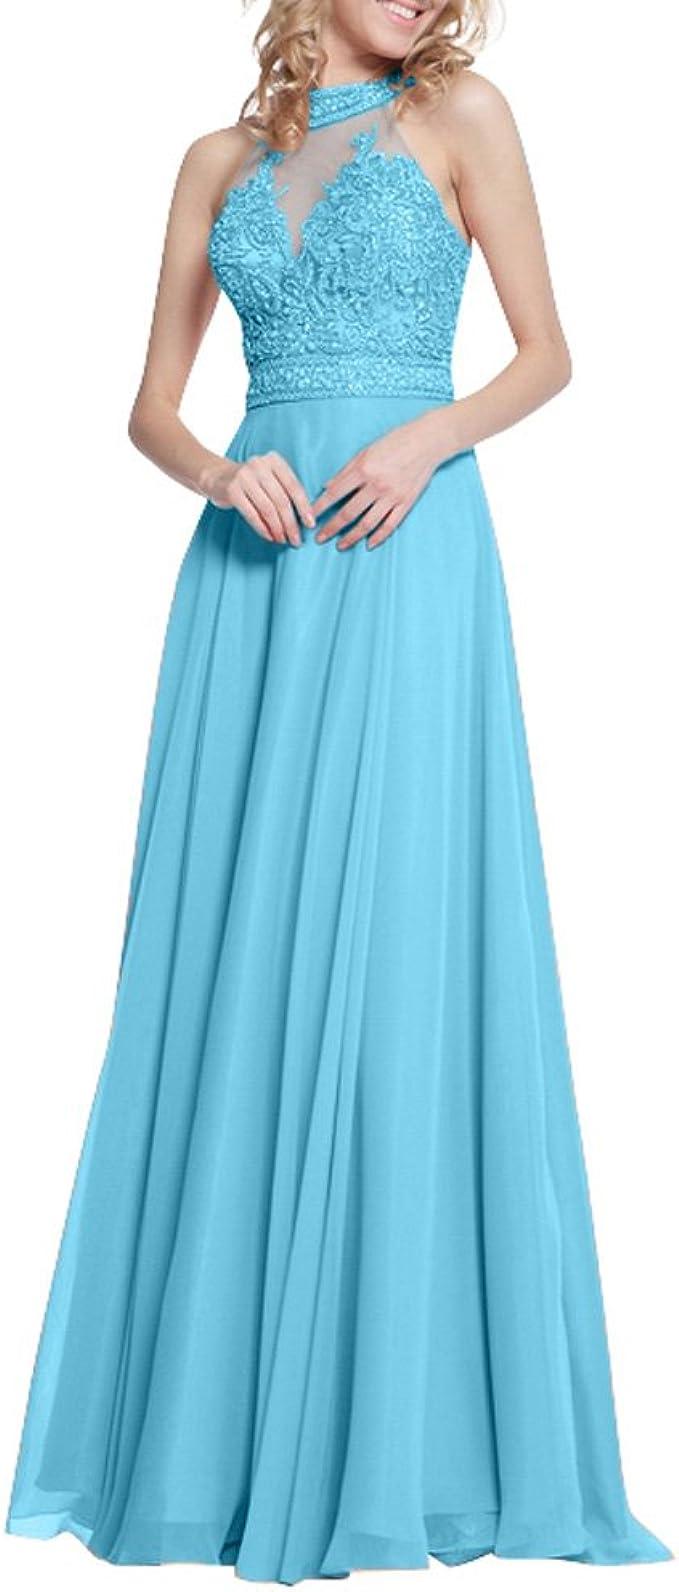 Royaldress Damen Elegant Chiffon Abendkleider Partykleider